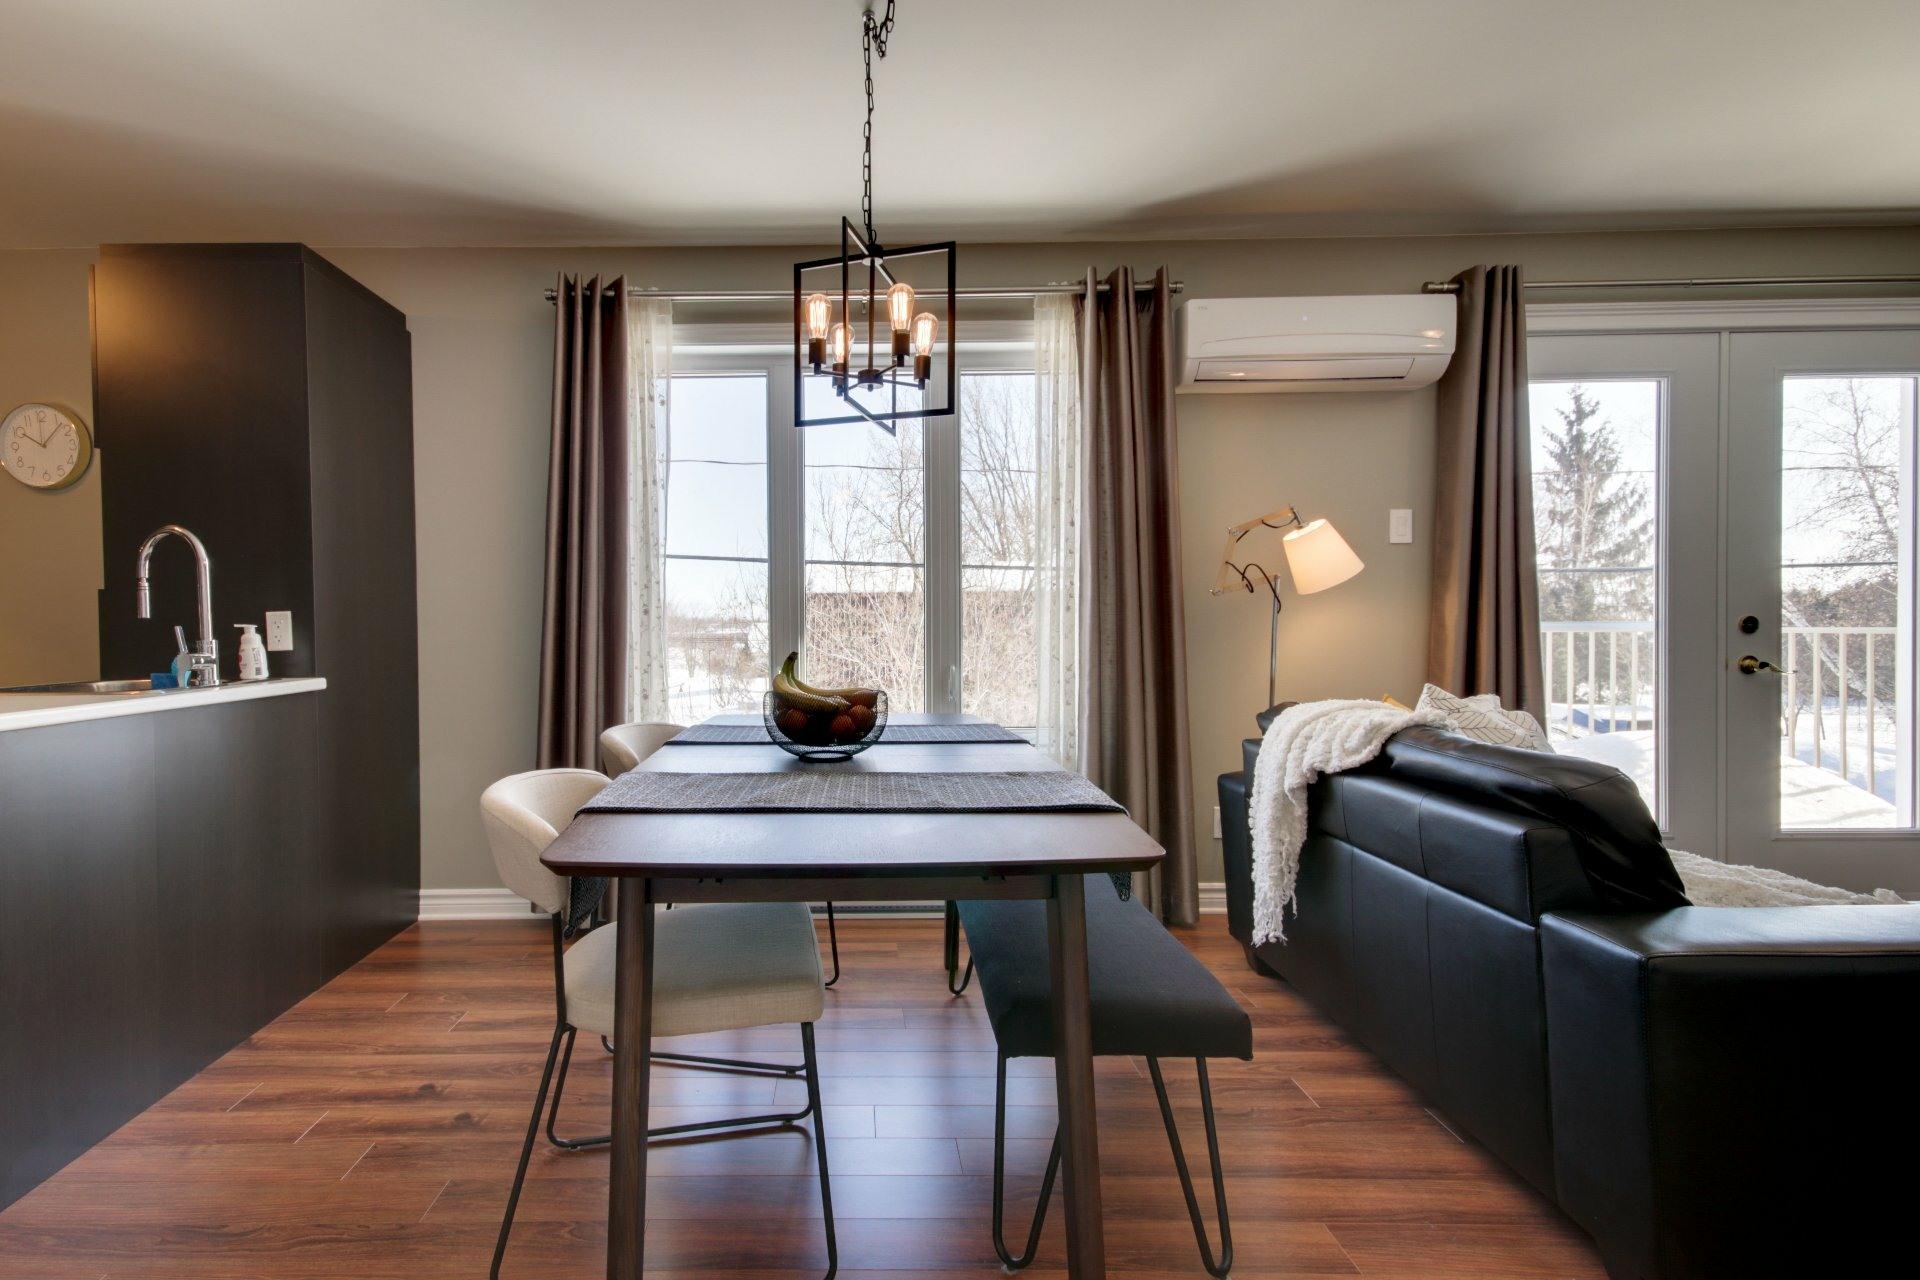 image 10 - Apartment For sale Trois-Rivières - 6 rooms